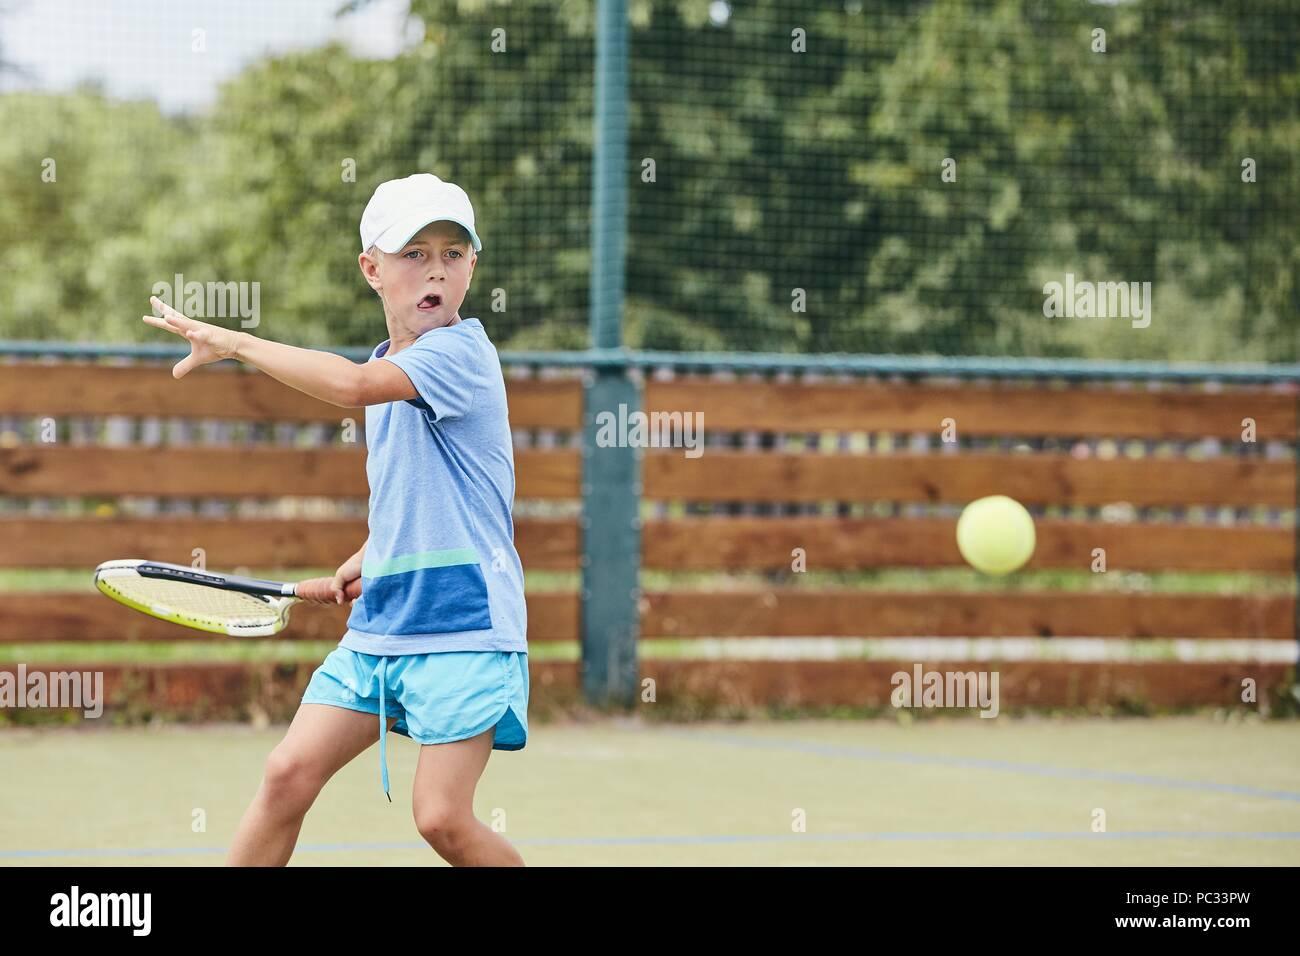 Talentierte junge ist Lernen Tennis spielen. Themen Konzentration, Wettbewerb und Fähigkeiten. Stockbild